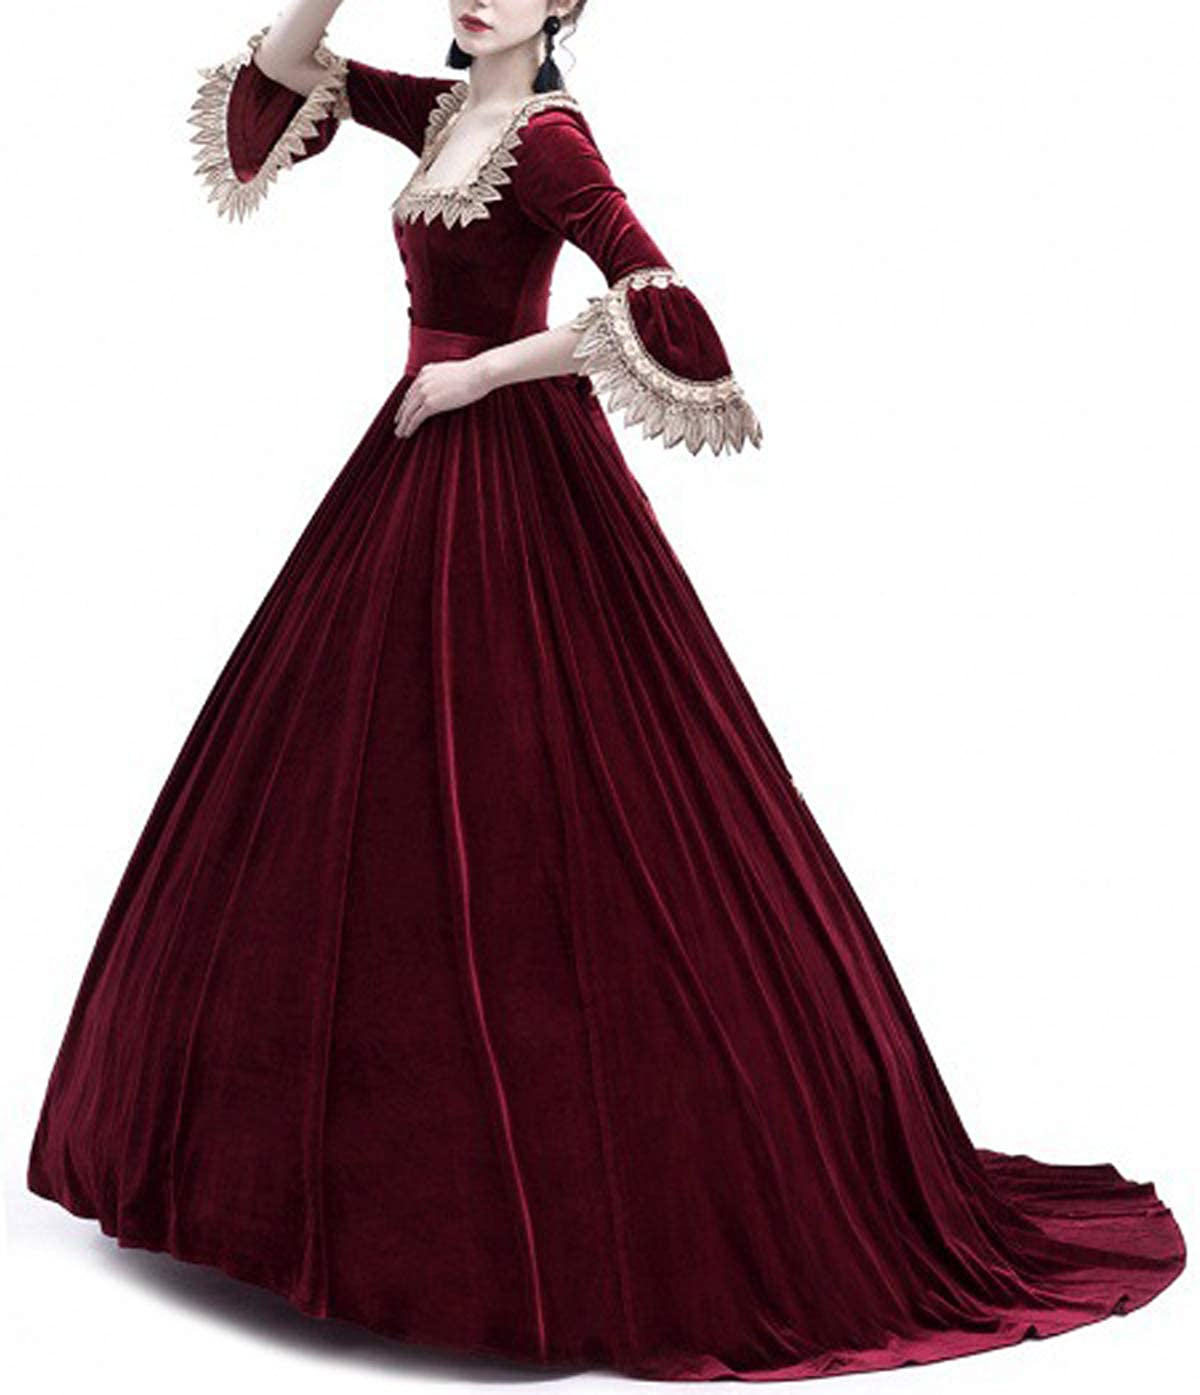 Primavera y Oto ñ o Medieval Renacimiento Disfraz de Reina Elegante Vintage  Cuello Cuadrado Cuerno Manga Vestido ... c3961a3f0ad0